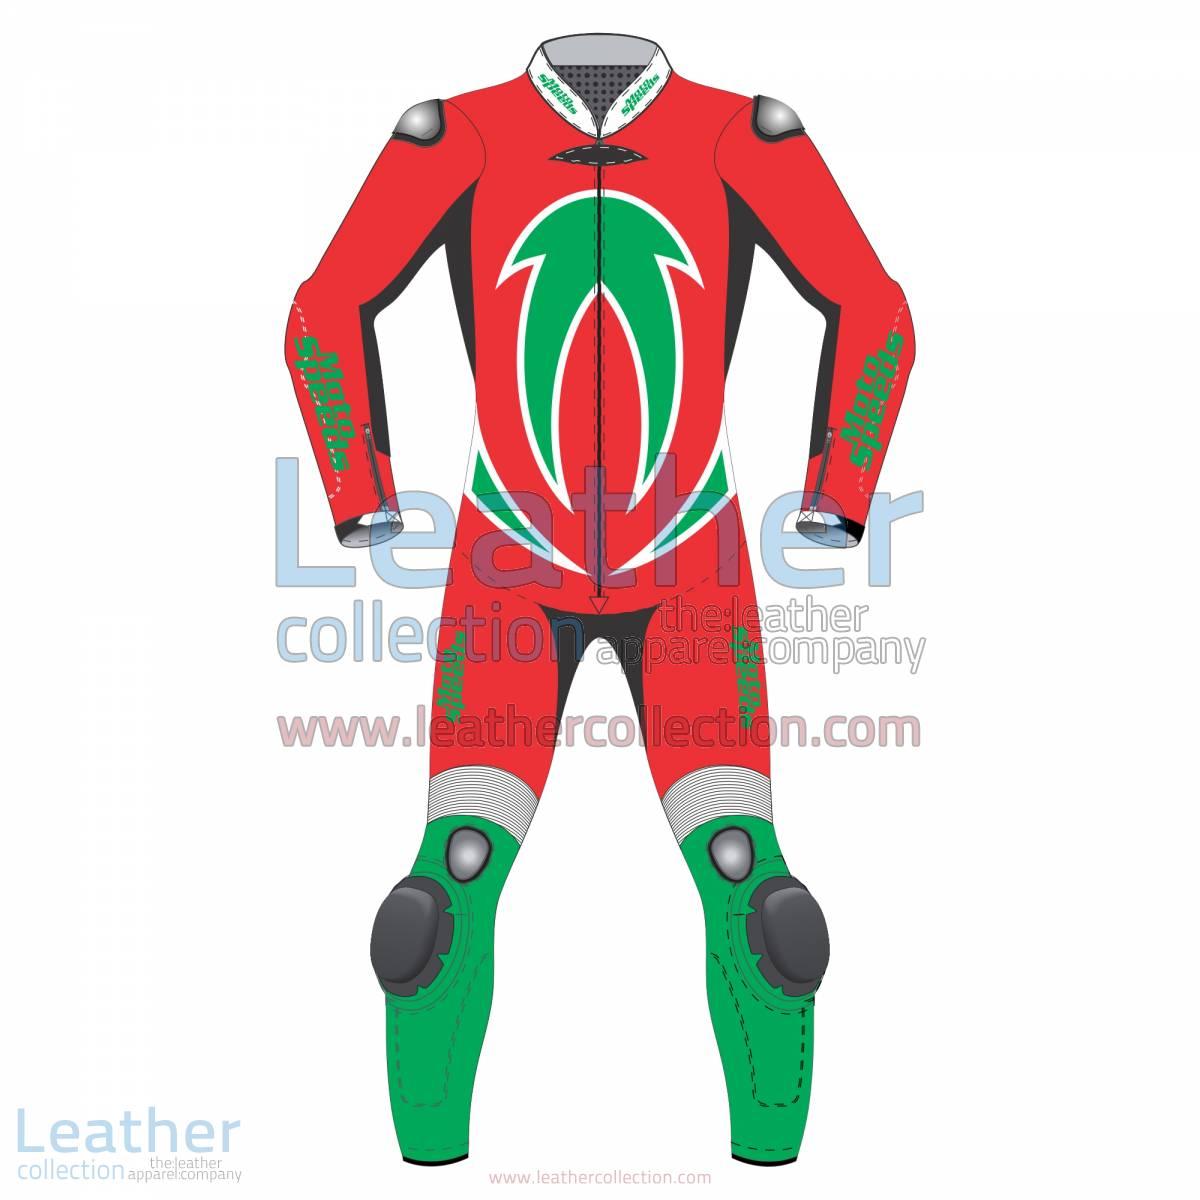 Aero Motorbike Racing Leathers | motorcycle racing leathers